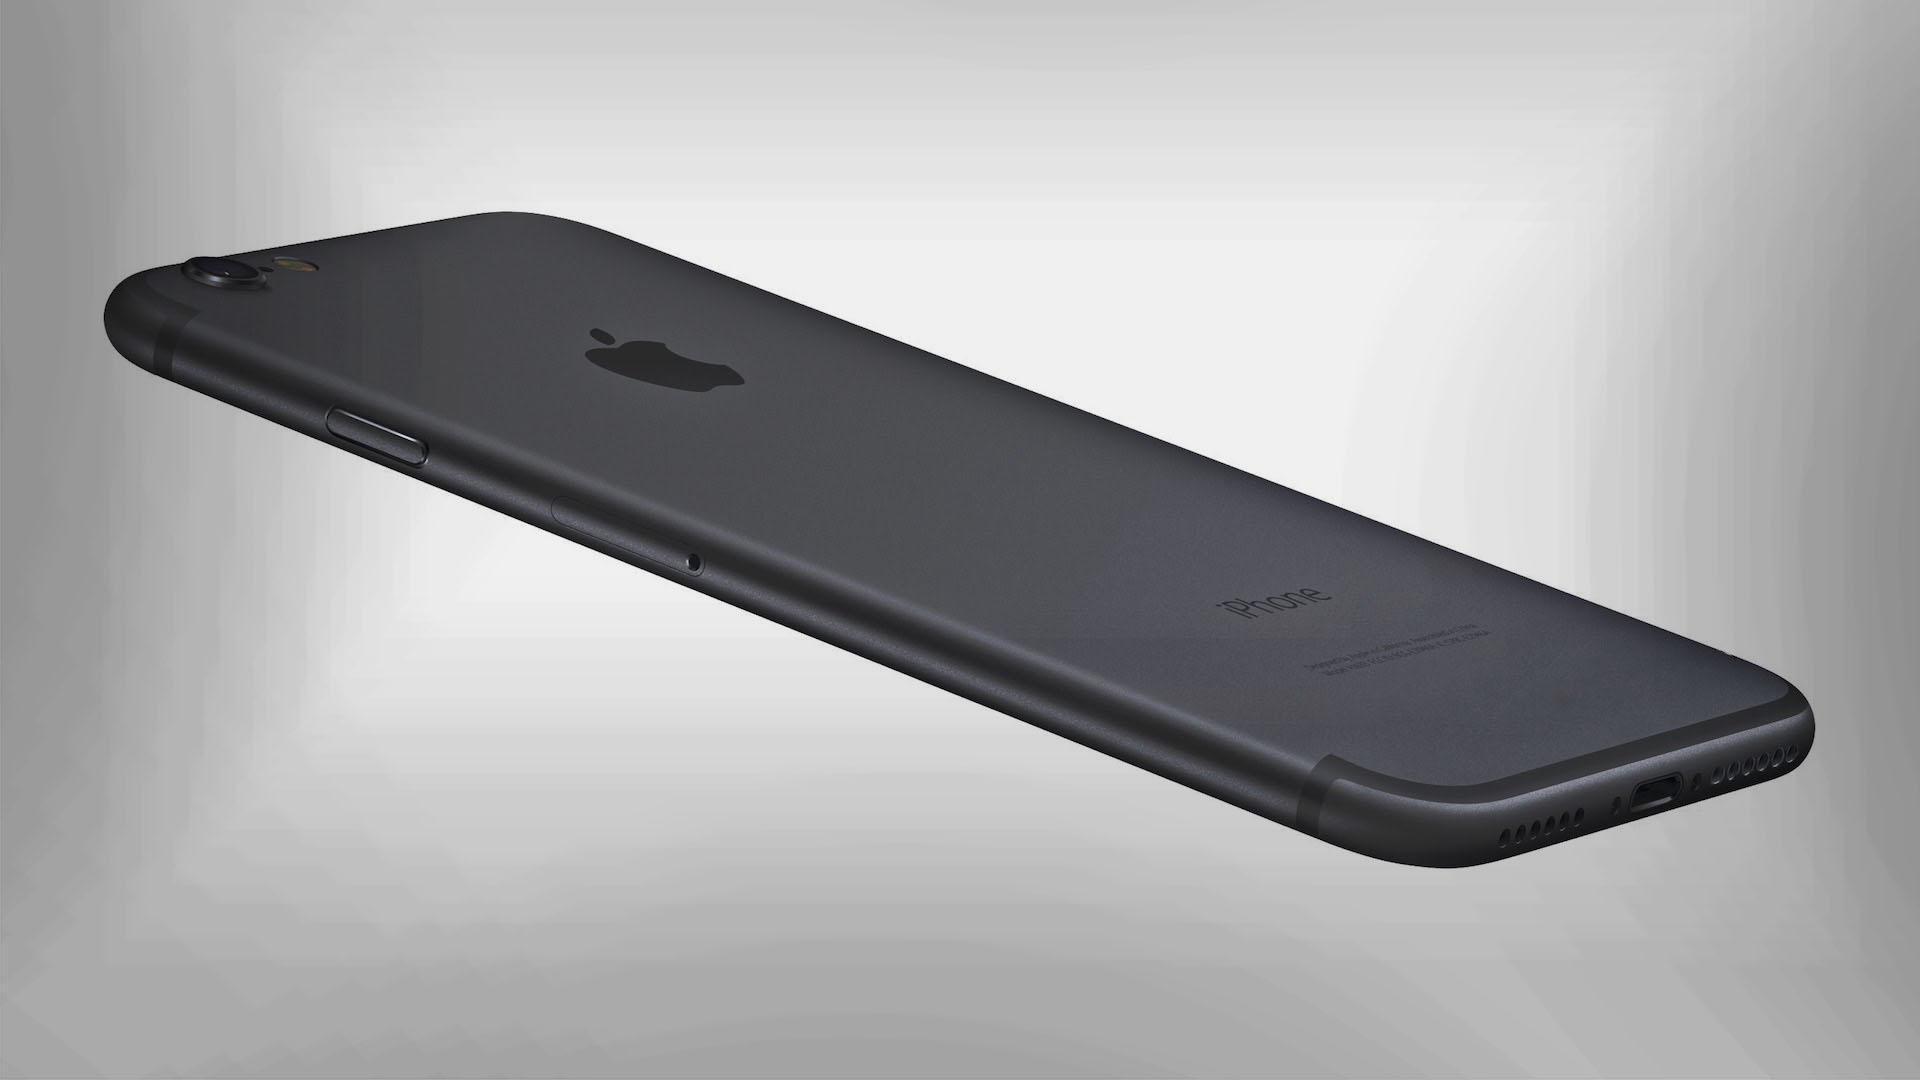 Cómo será el iPhone 7: las principales características develadas